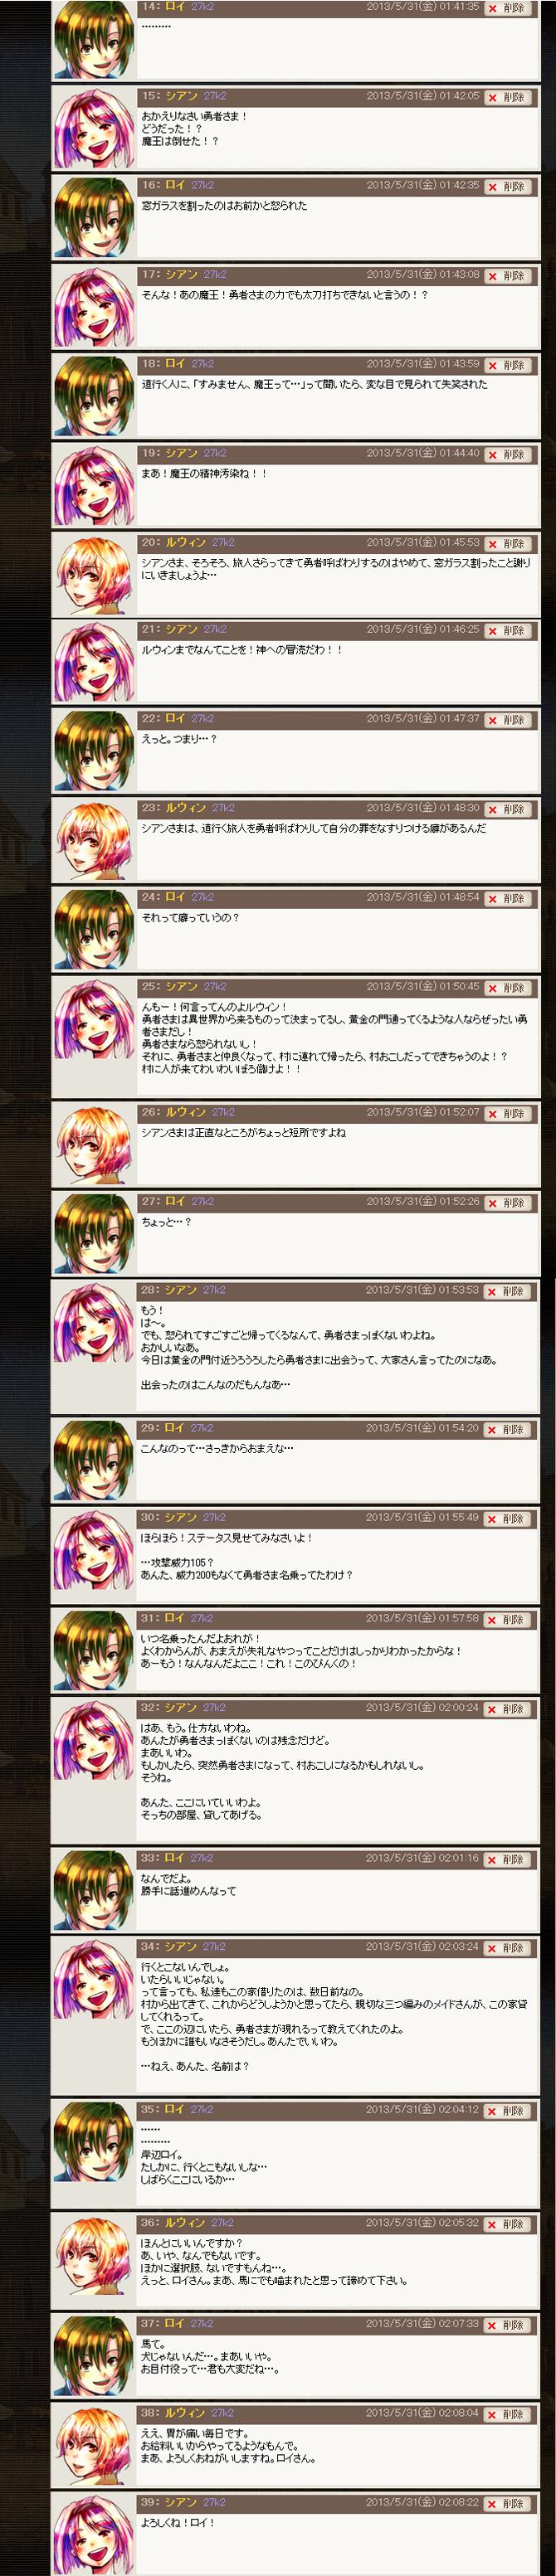 log8-2.jpg